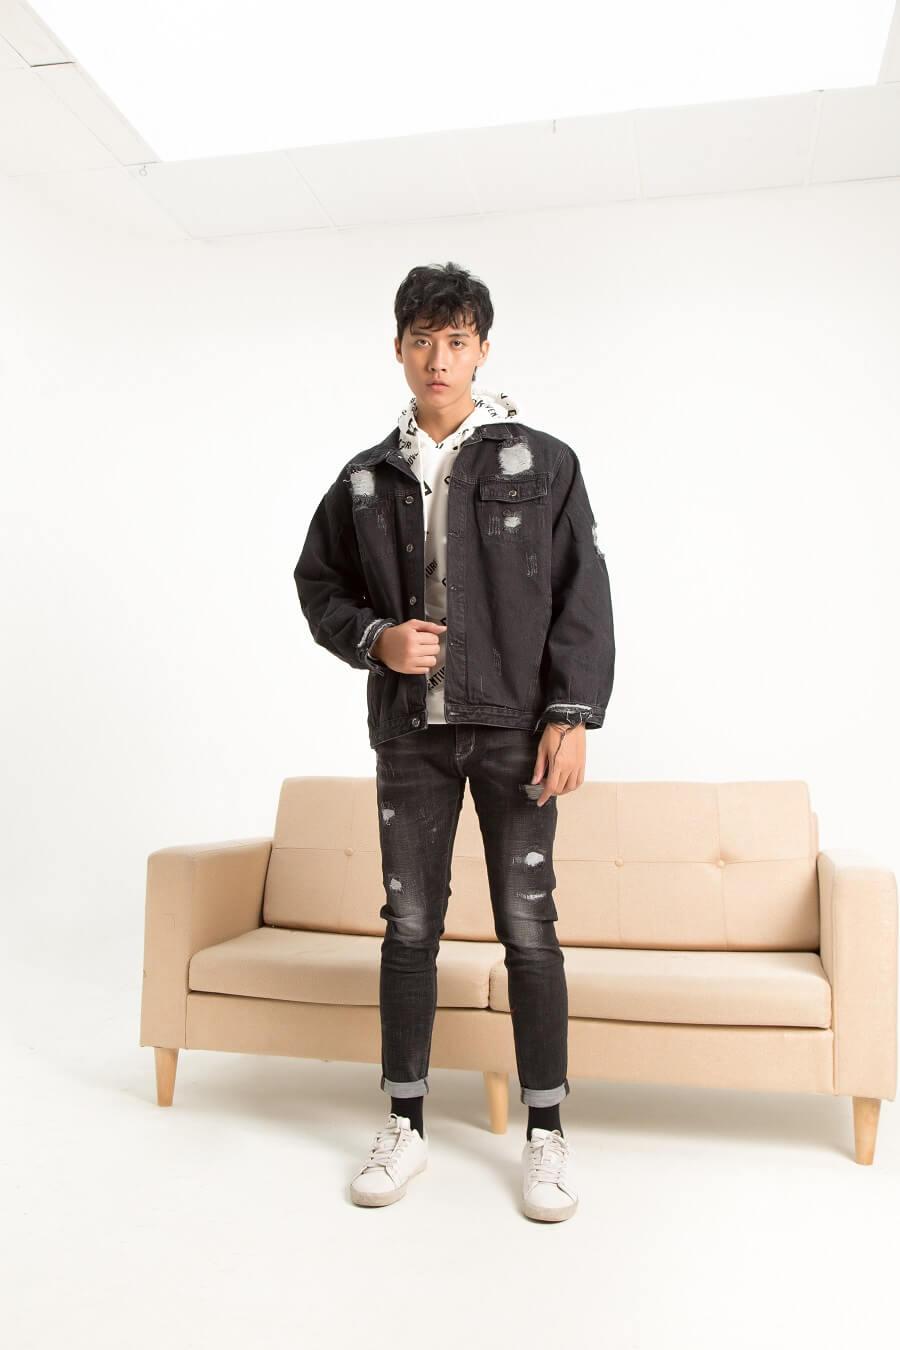 Quần jean slim fit xước nhẹ kết hợp với hoodie và jacket khoác ngoài, cùng giày thể thao tạo ra hình tượng một chàng trai mạnh mẽ nhưng vẫn cực dễ thương